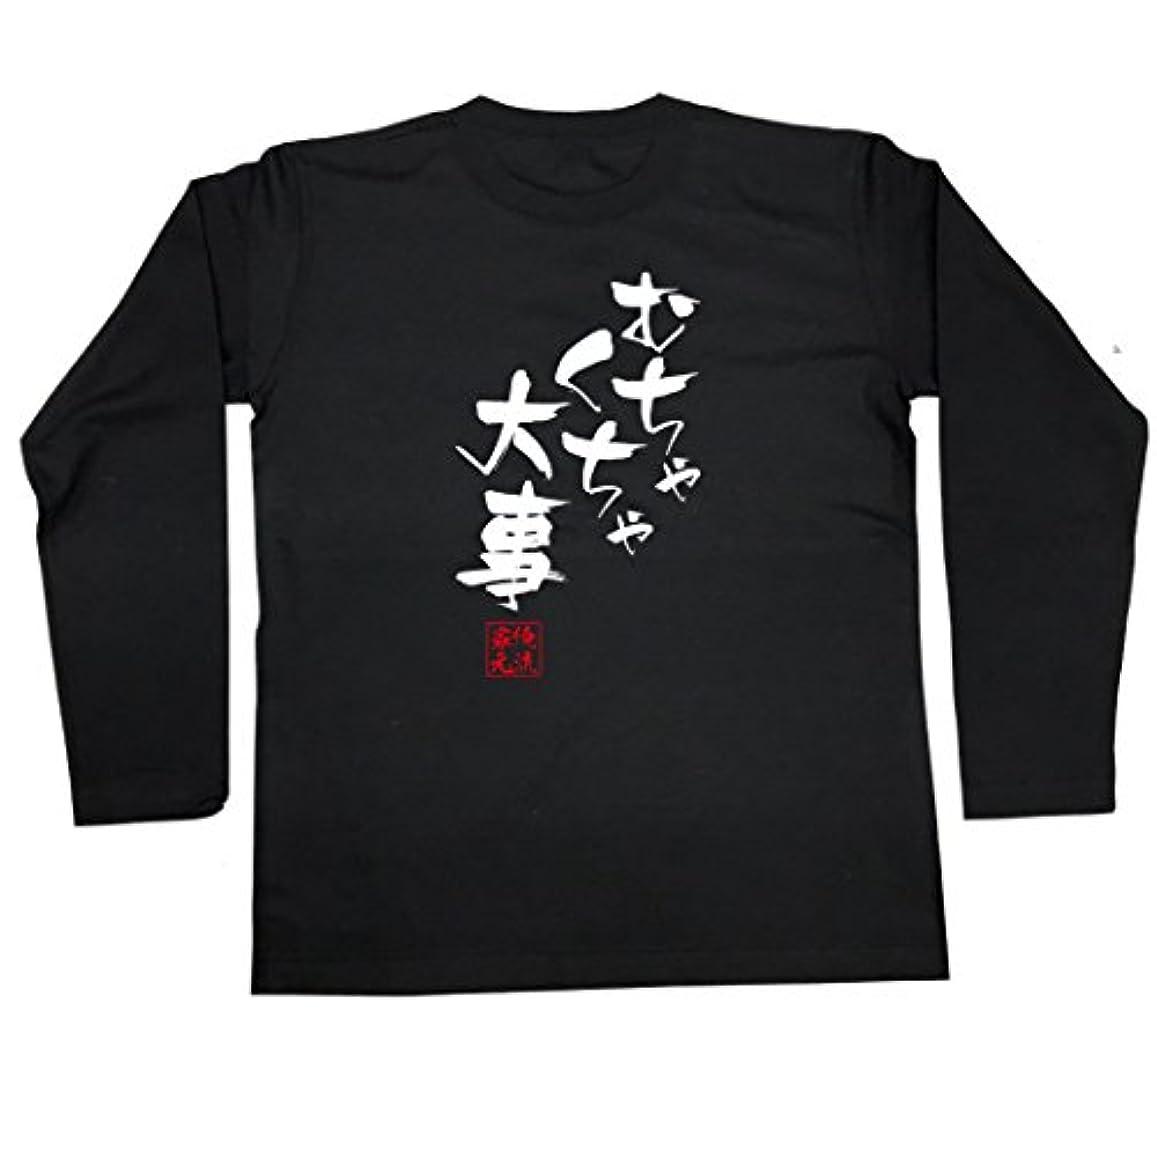 地域スキル襲撃おもしろ tシャツ の 俺流総本家 【むちゃくちゃ大事】 面白いtシャツ tシャツ メンズ 半袖 長袖 白 黒